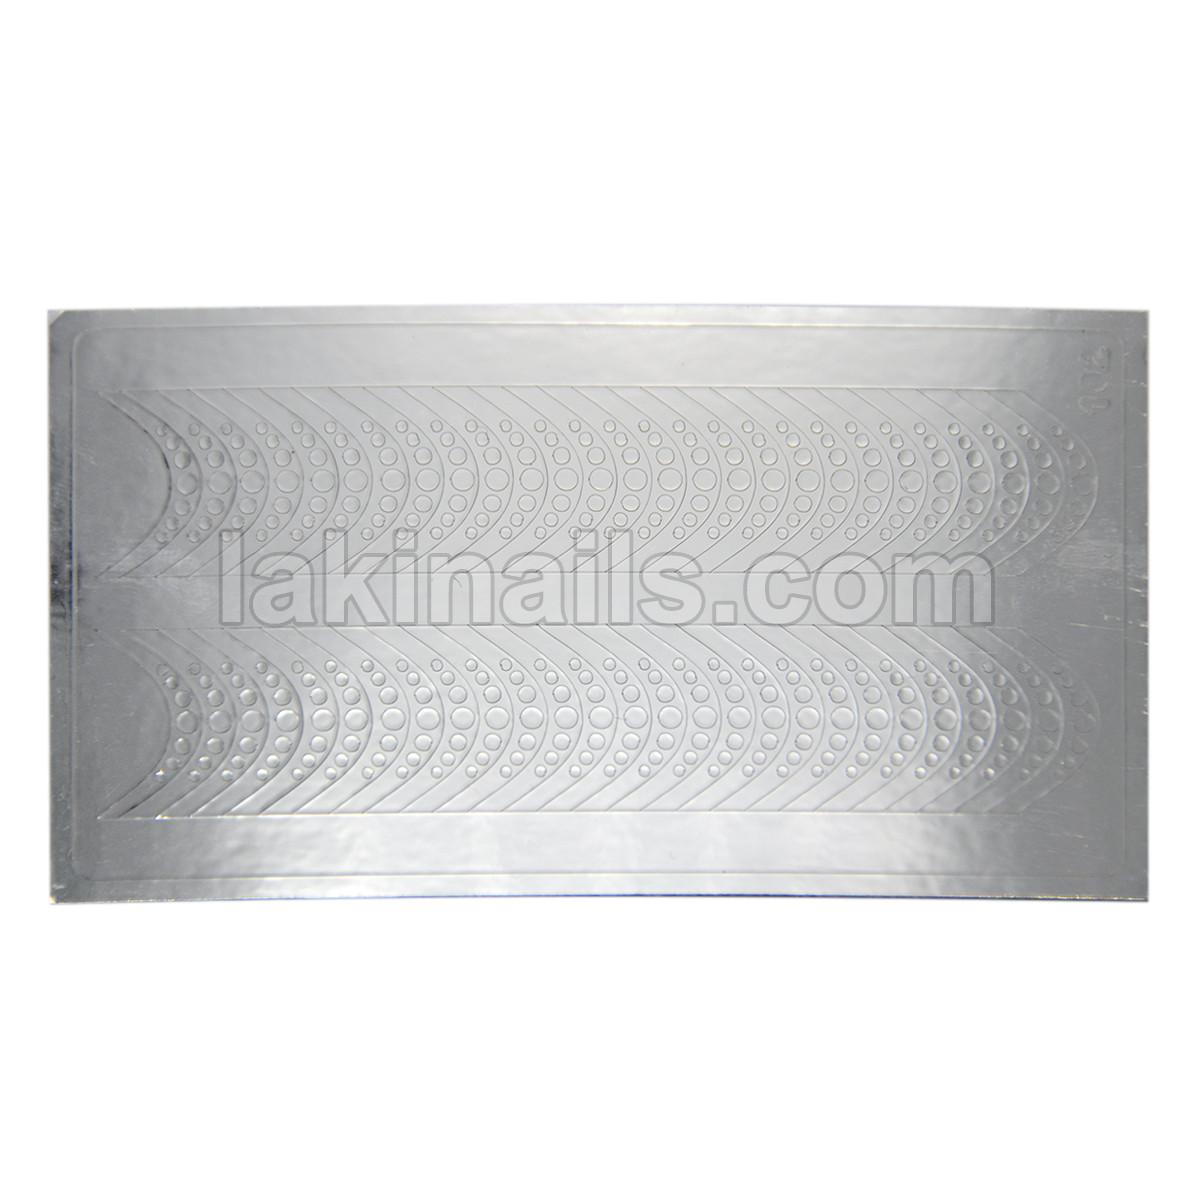 Металлизированные наклейки, серебро, 102S